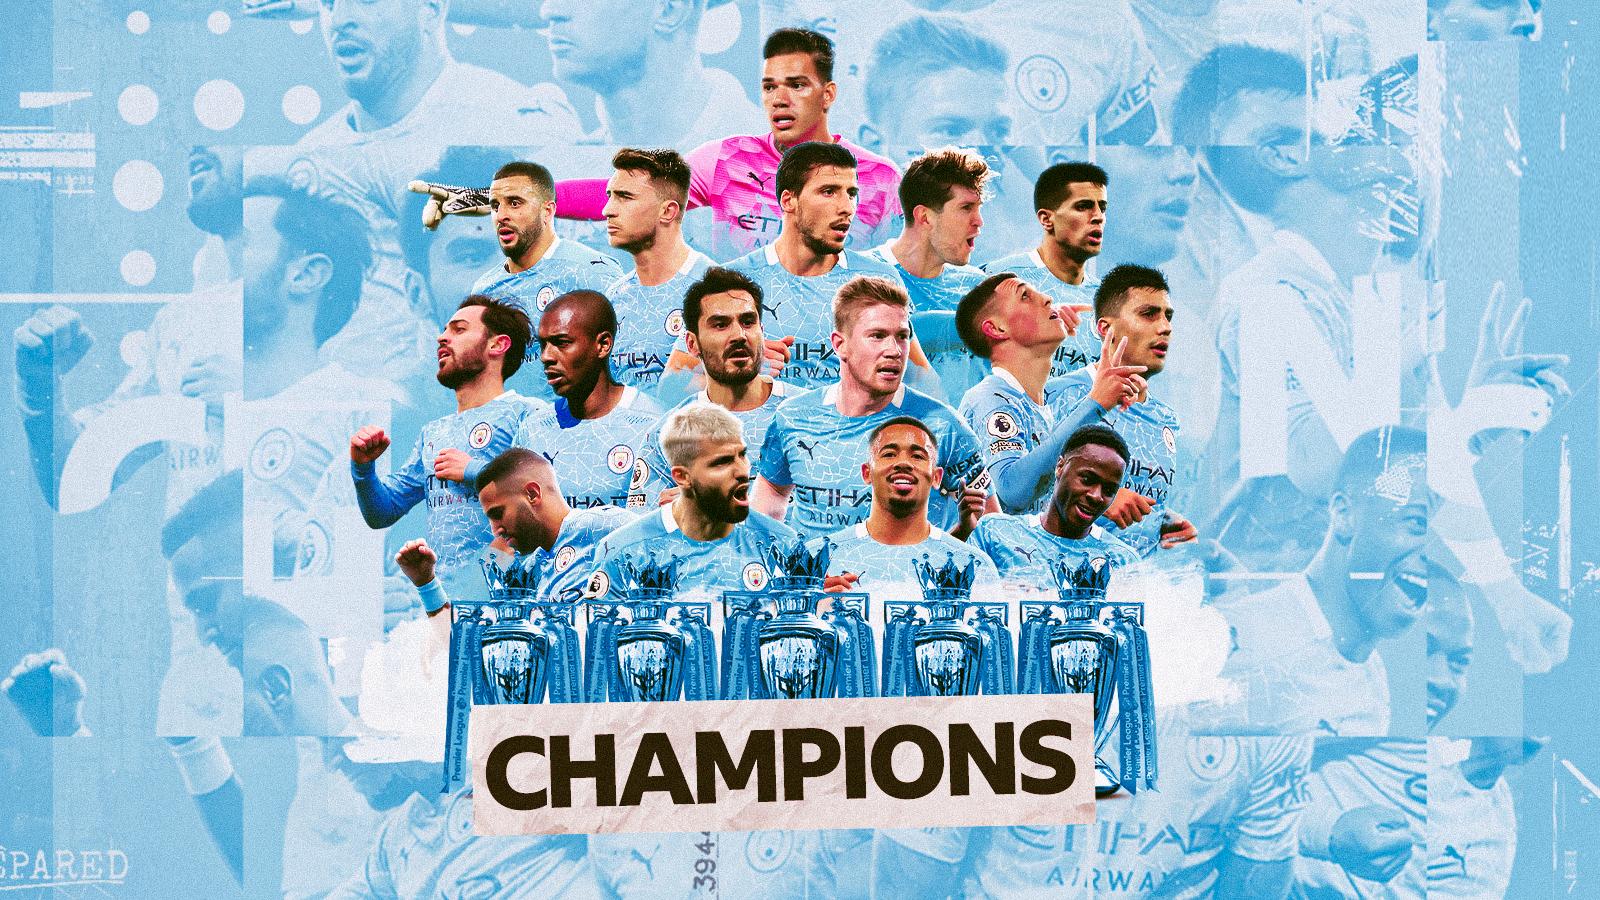 Premijer liga: Mančester siti šampion Engleske treći put u četiri godine